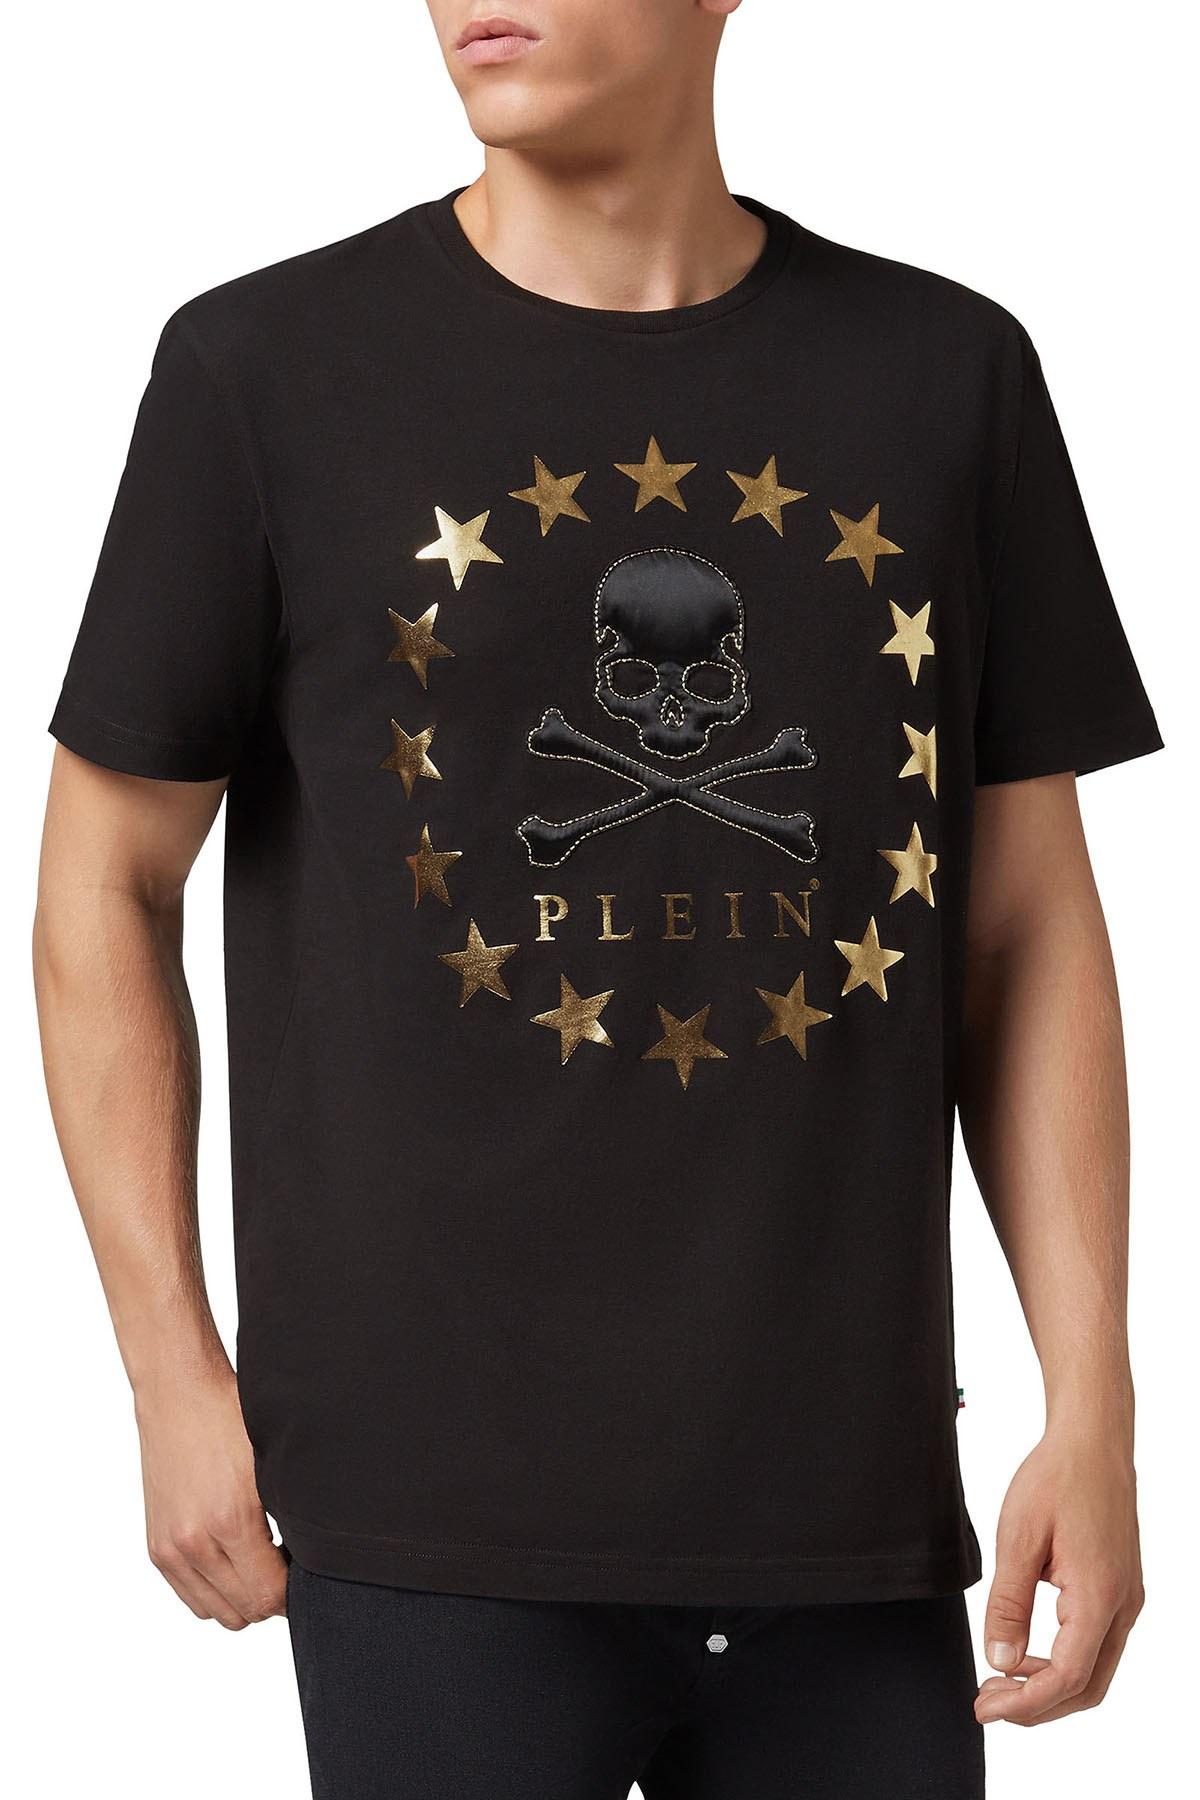 PHILIPP PLEIN T SHIRT Erkek T Shirt F18C MTK2368 PJY002N 0216 SİYAH